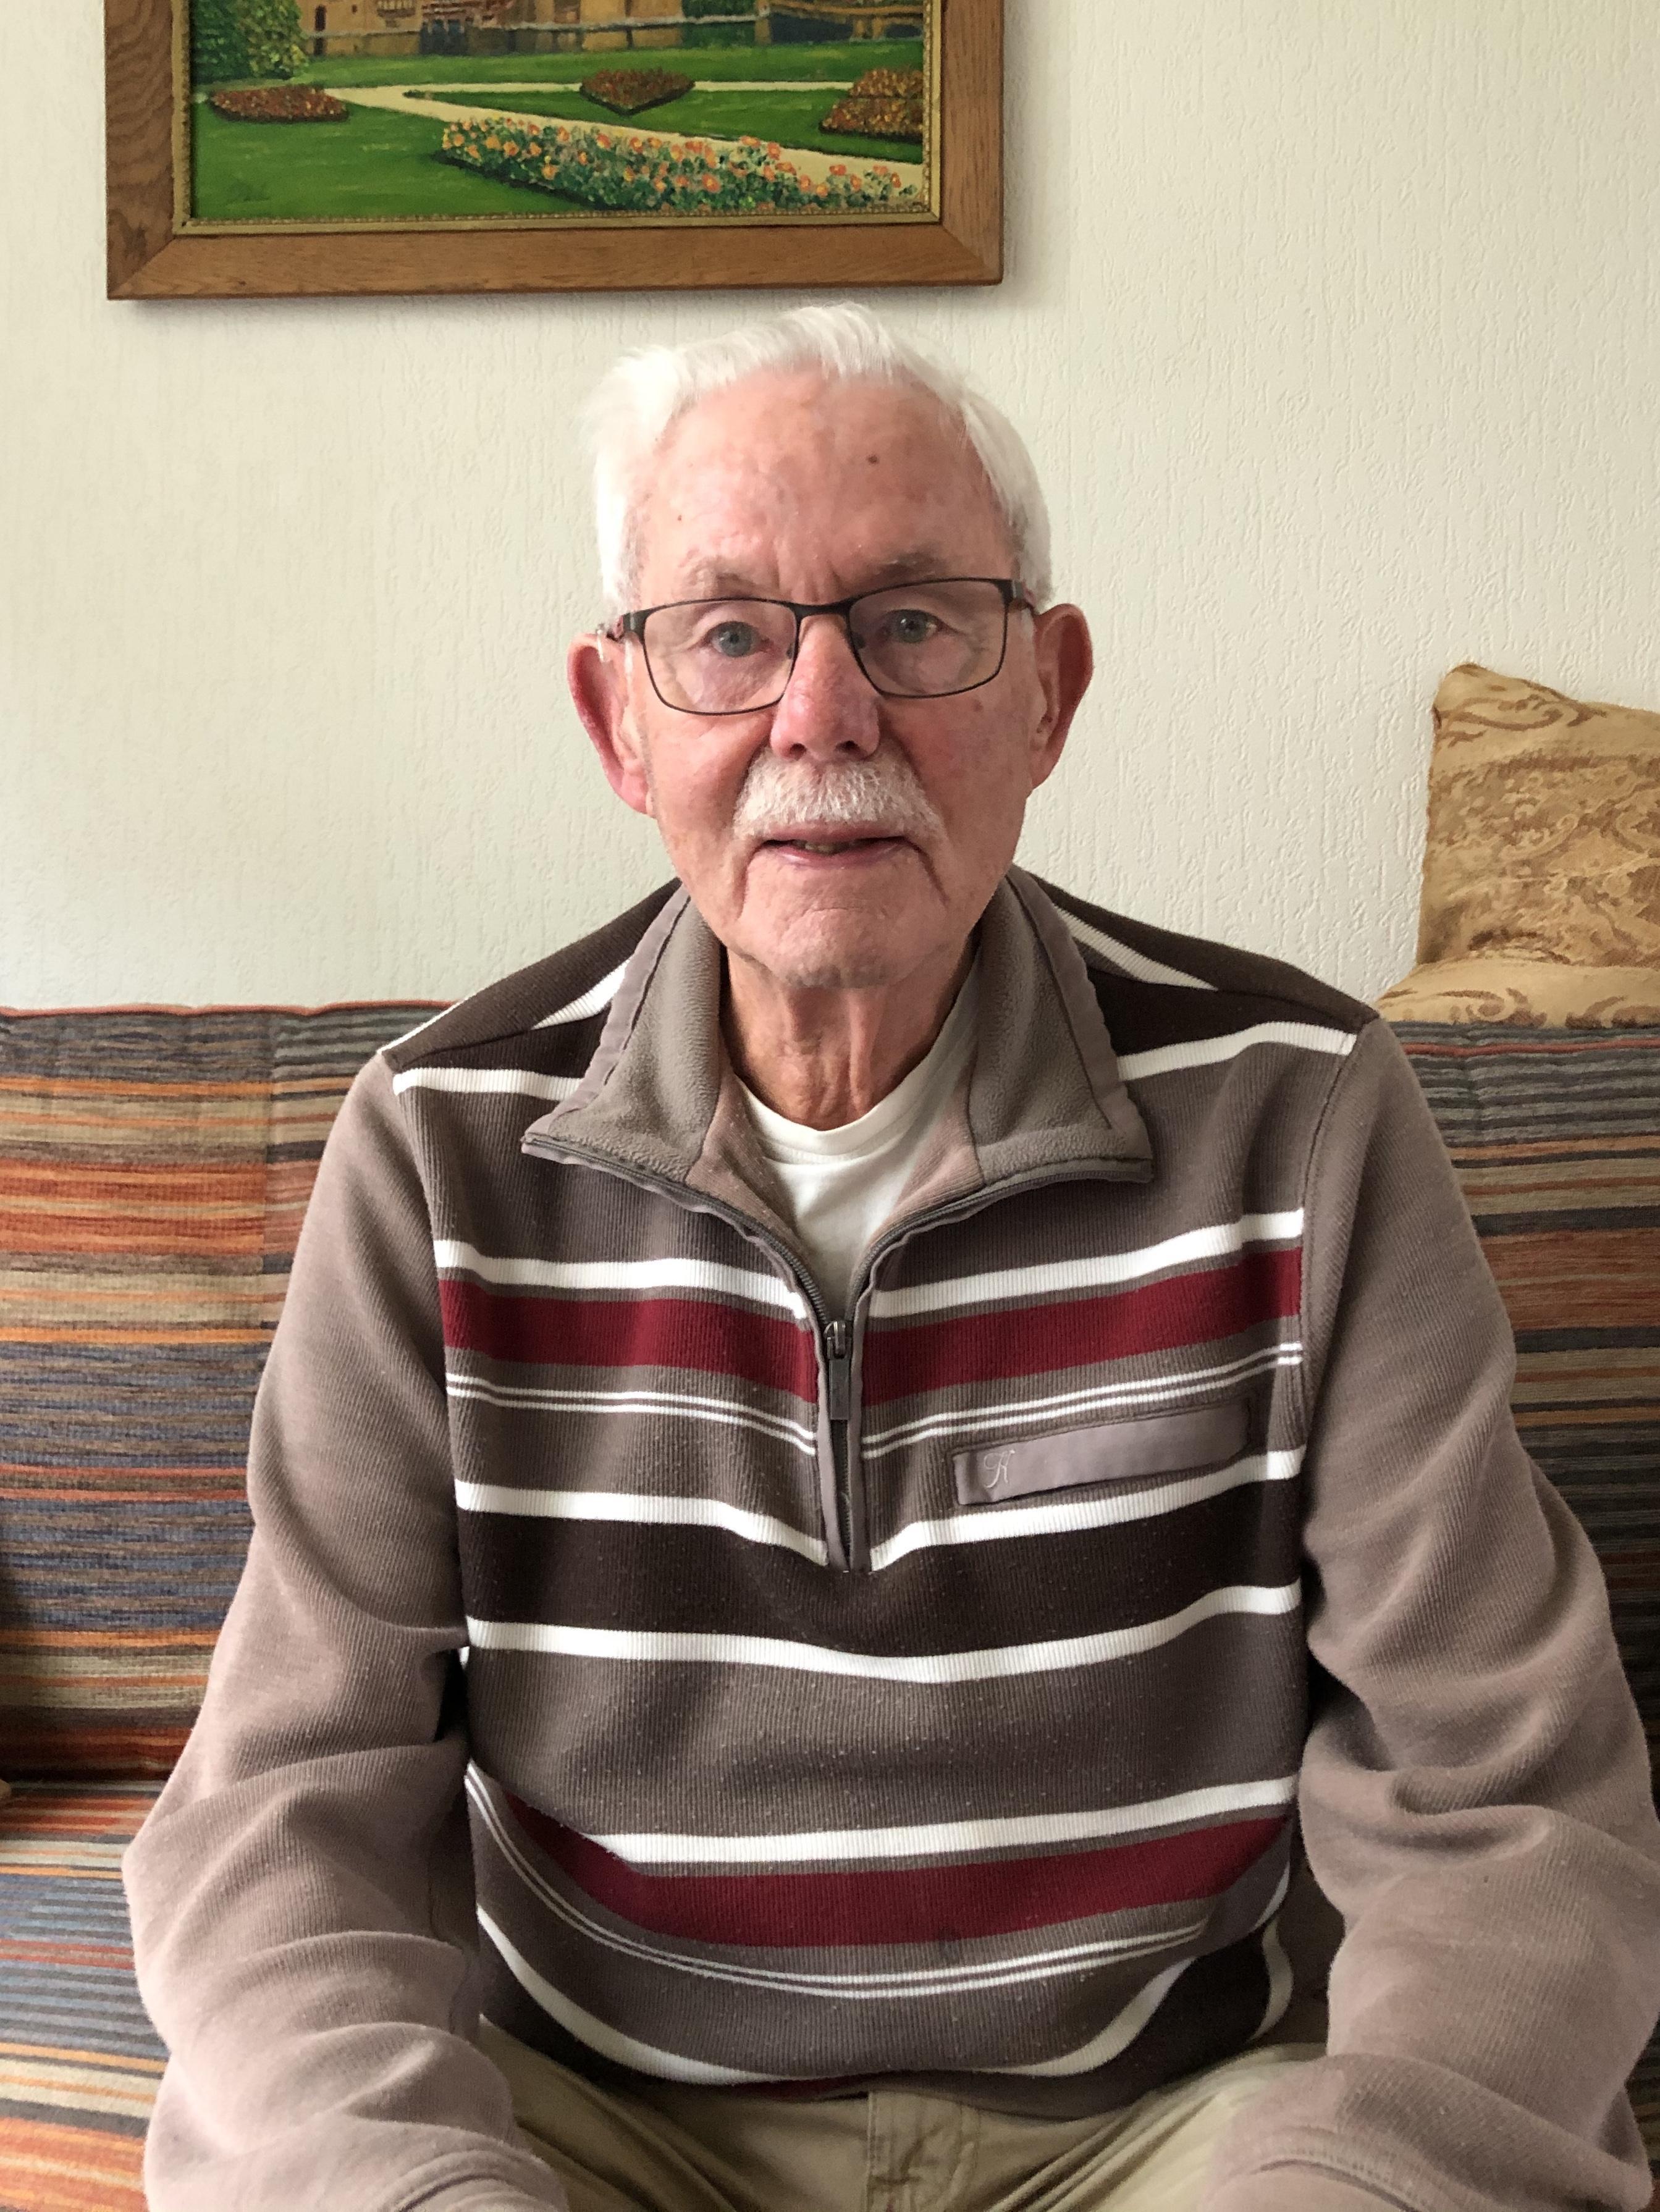 Jan Blonk woont al 52 jaar aan de Parallelweg in Schagen. 'Wij waren vroeger de enigen met een telefoon in de straat, dus de hele buurt kwam altijd bij ons bellen'